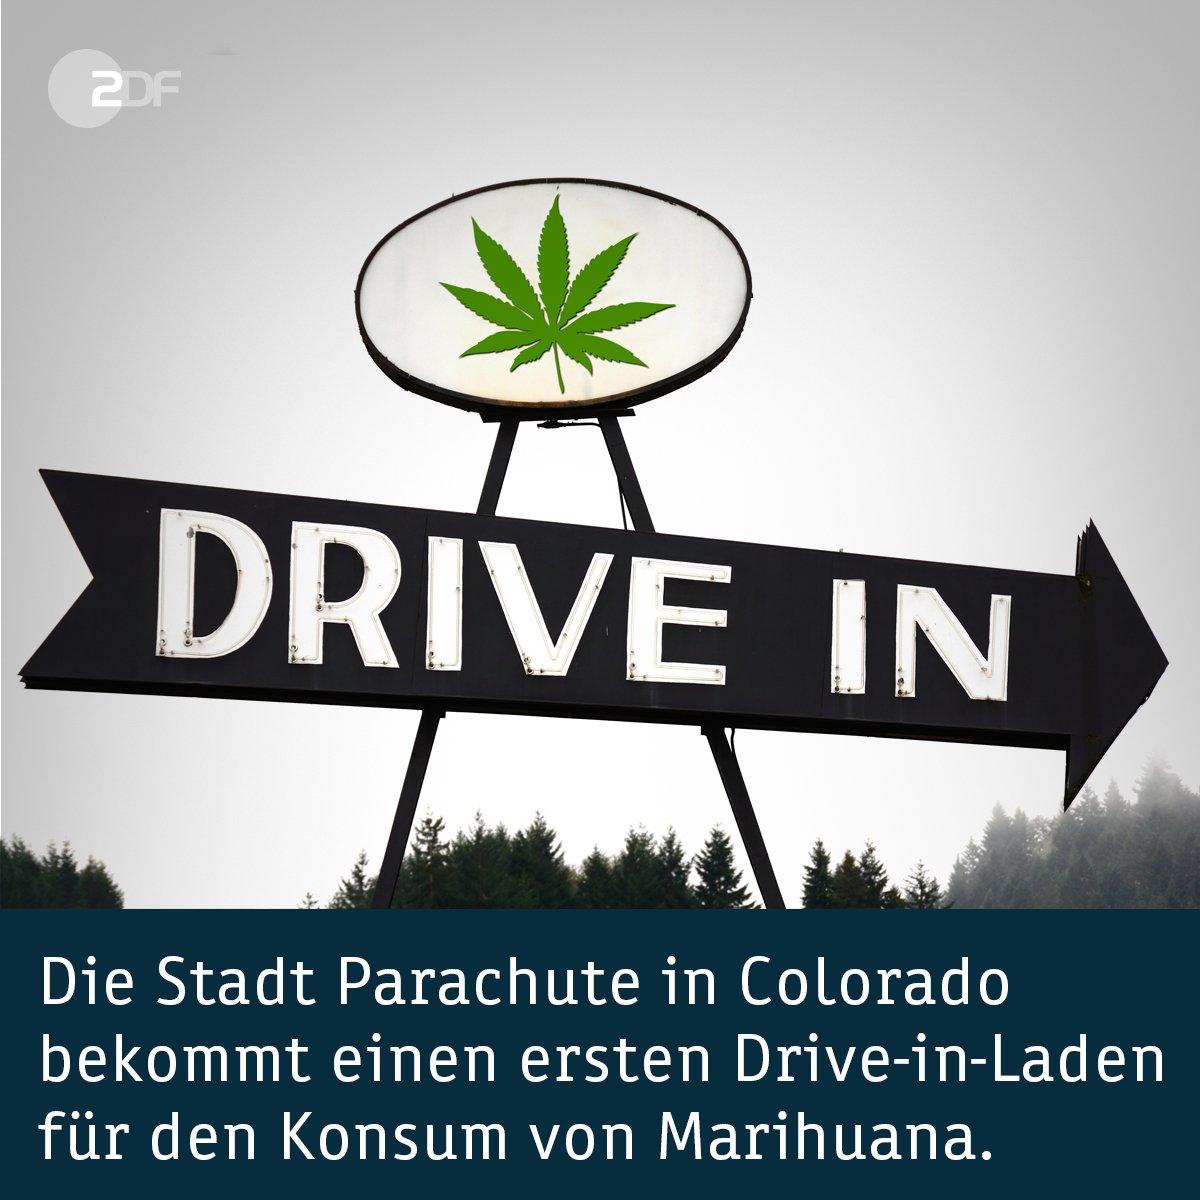 Die Stadt Parachute in #Colorado bekommt einen ersten Drive-in-Laden für den Konsum von #Marihuana.